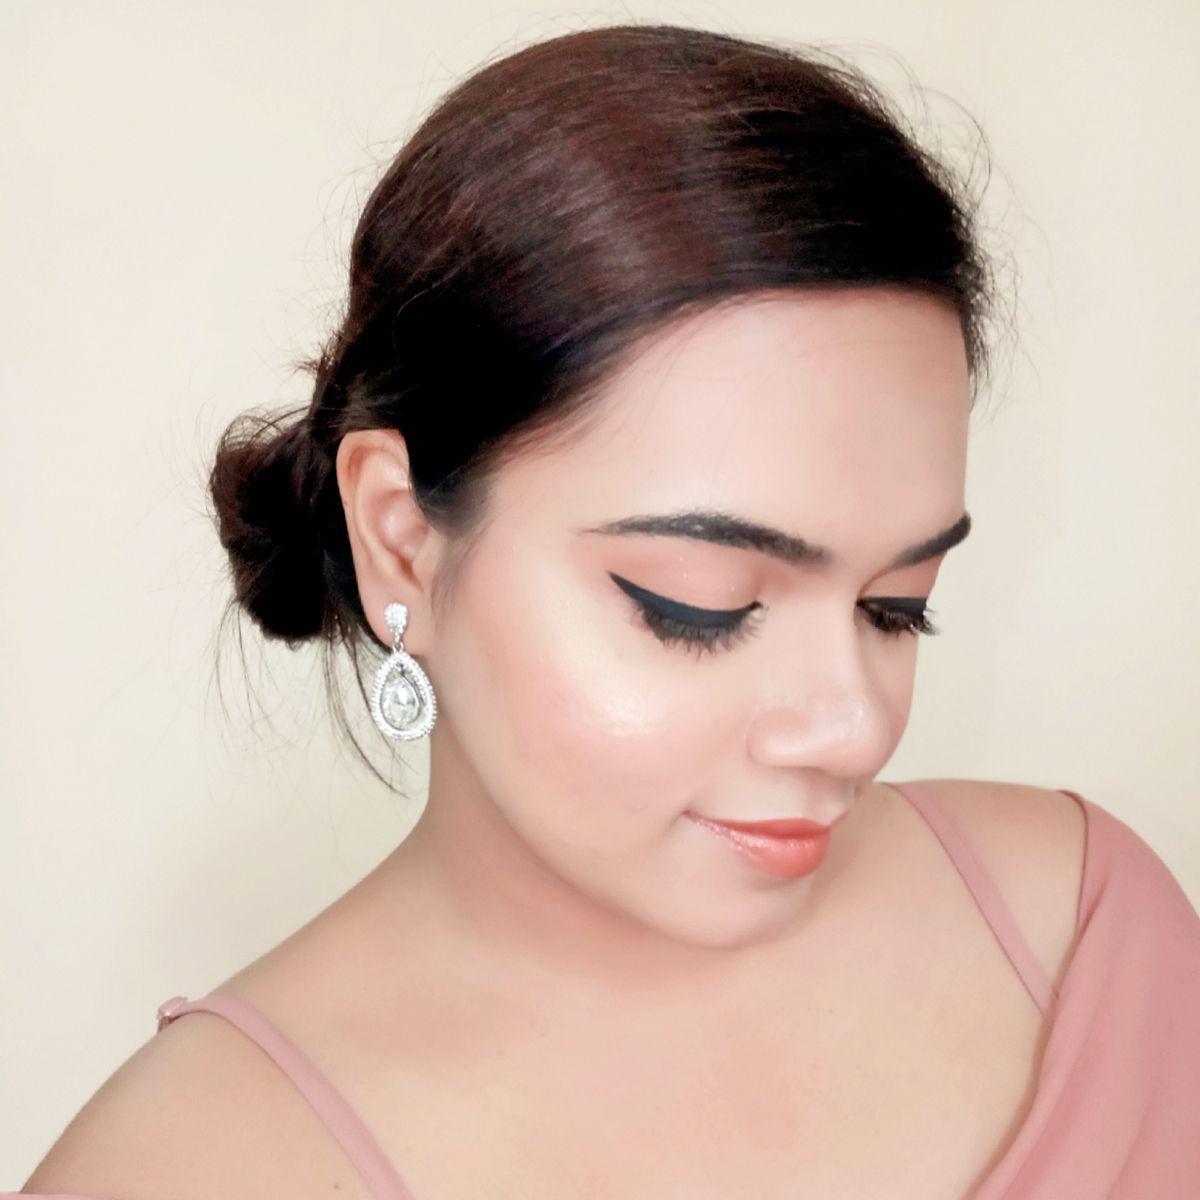 Shweta Pal's Makeup Look